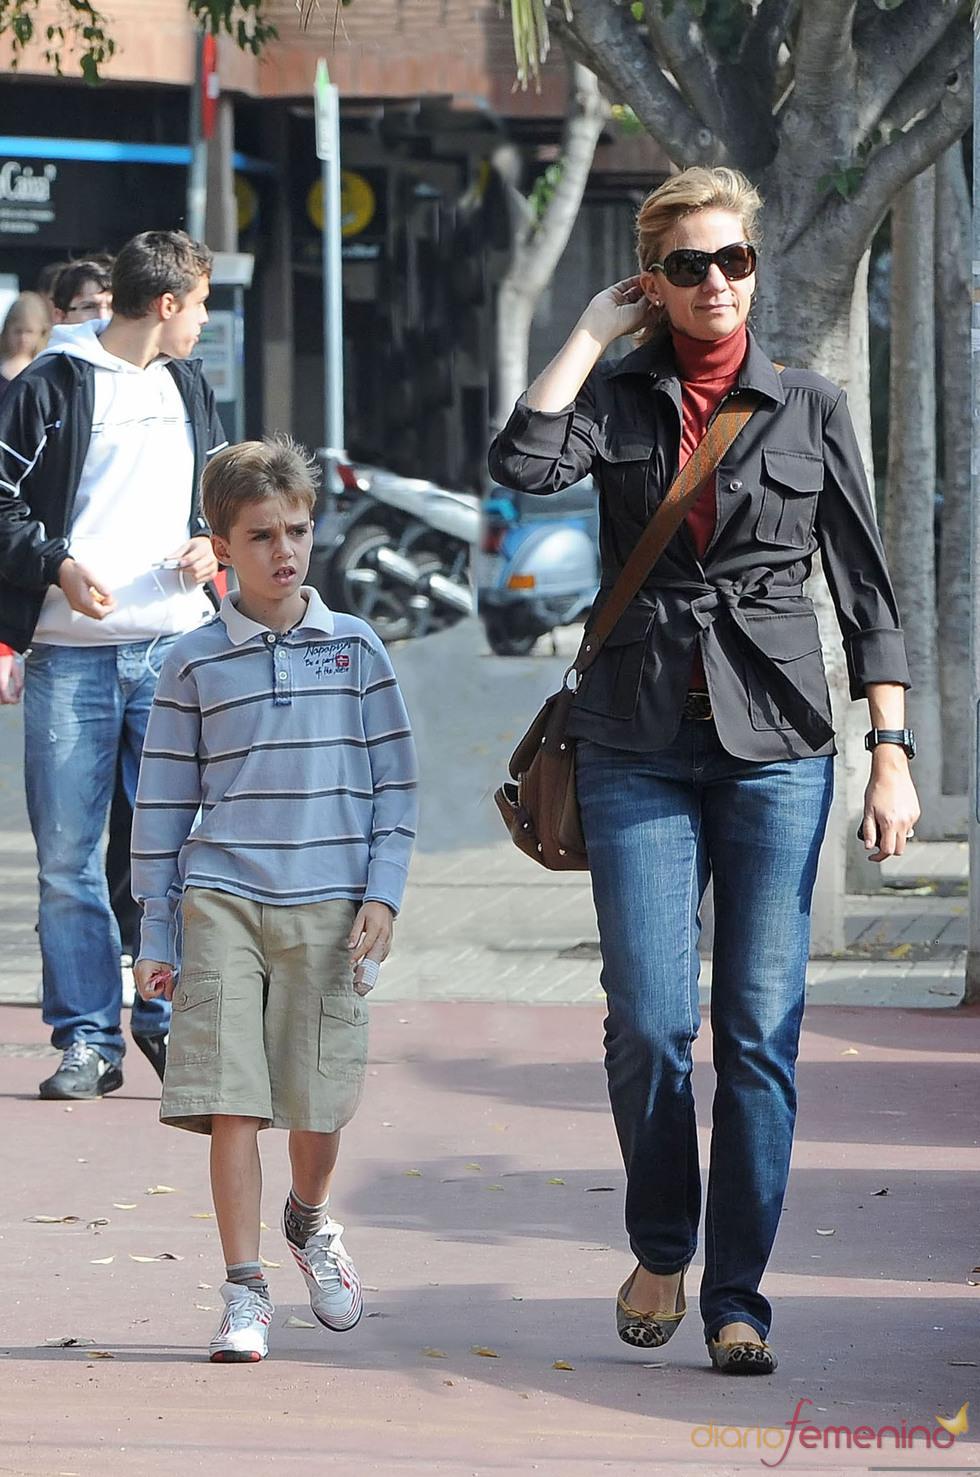 Pablo Urdangarín y la Infanta Cristina pasean por Barcelona